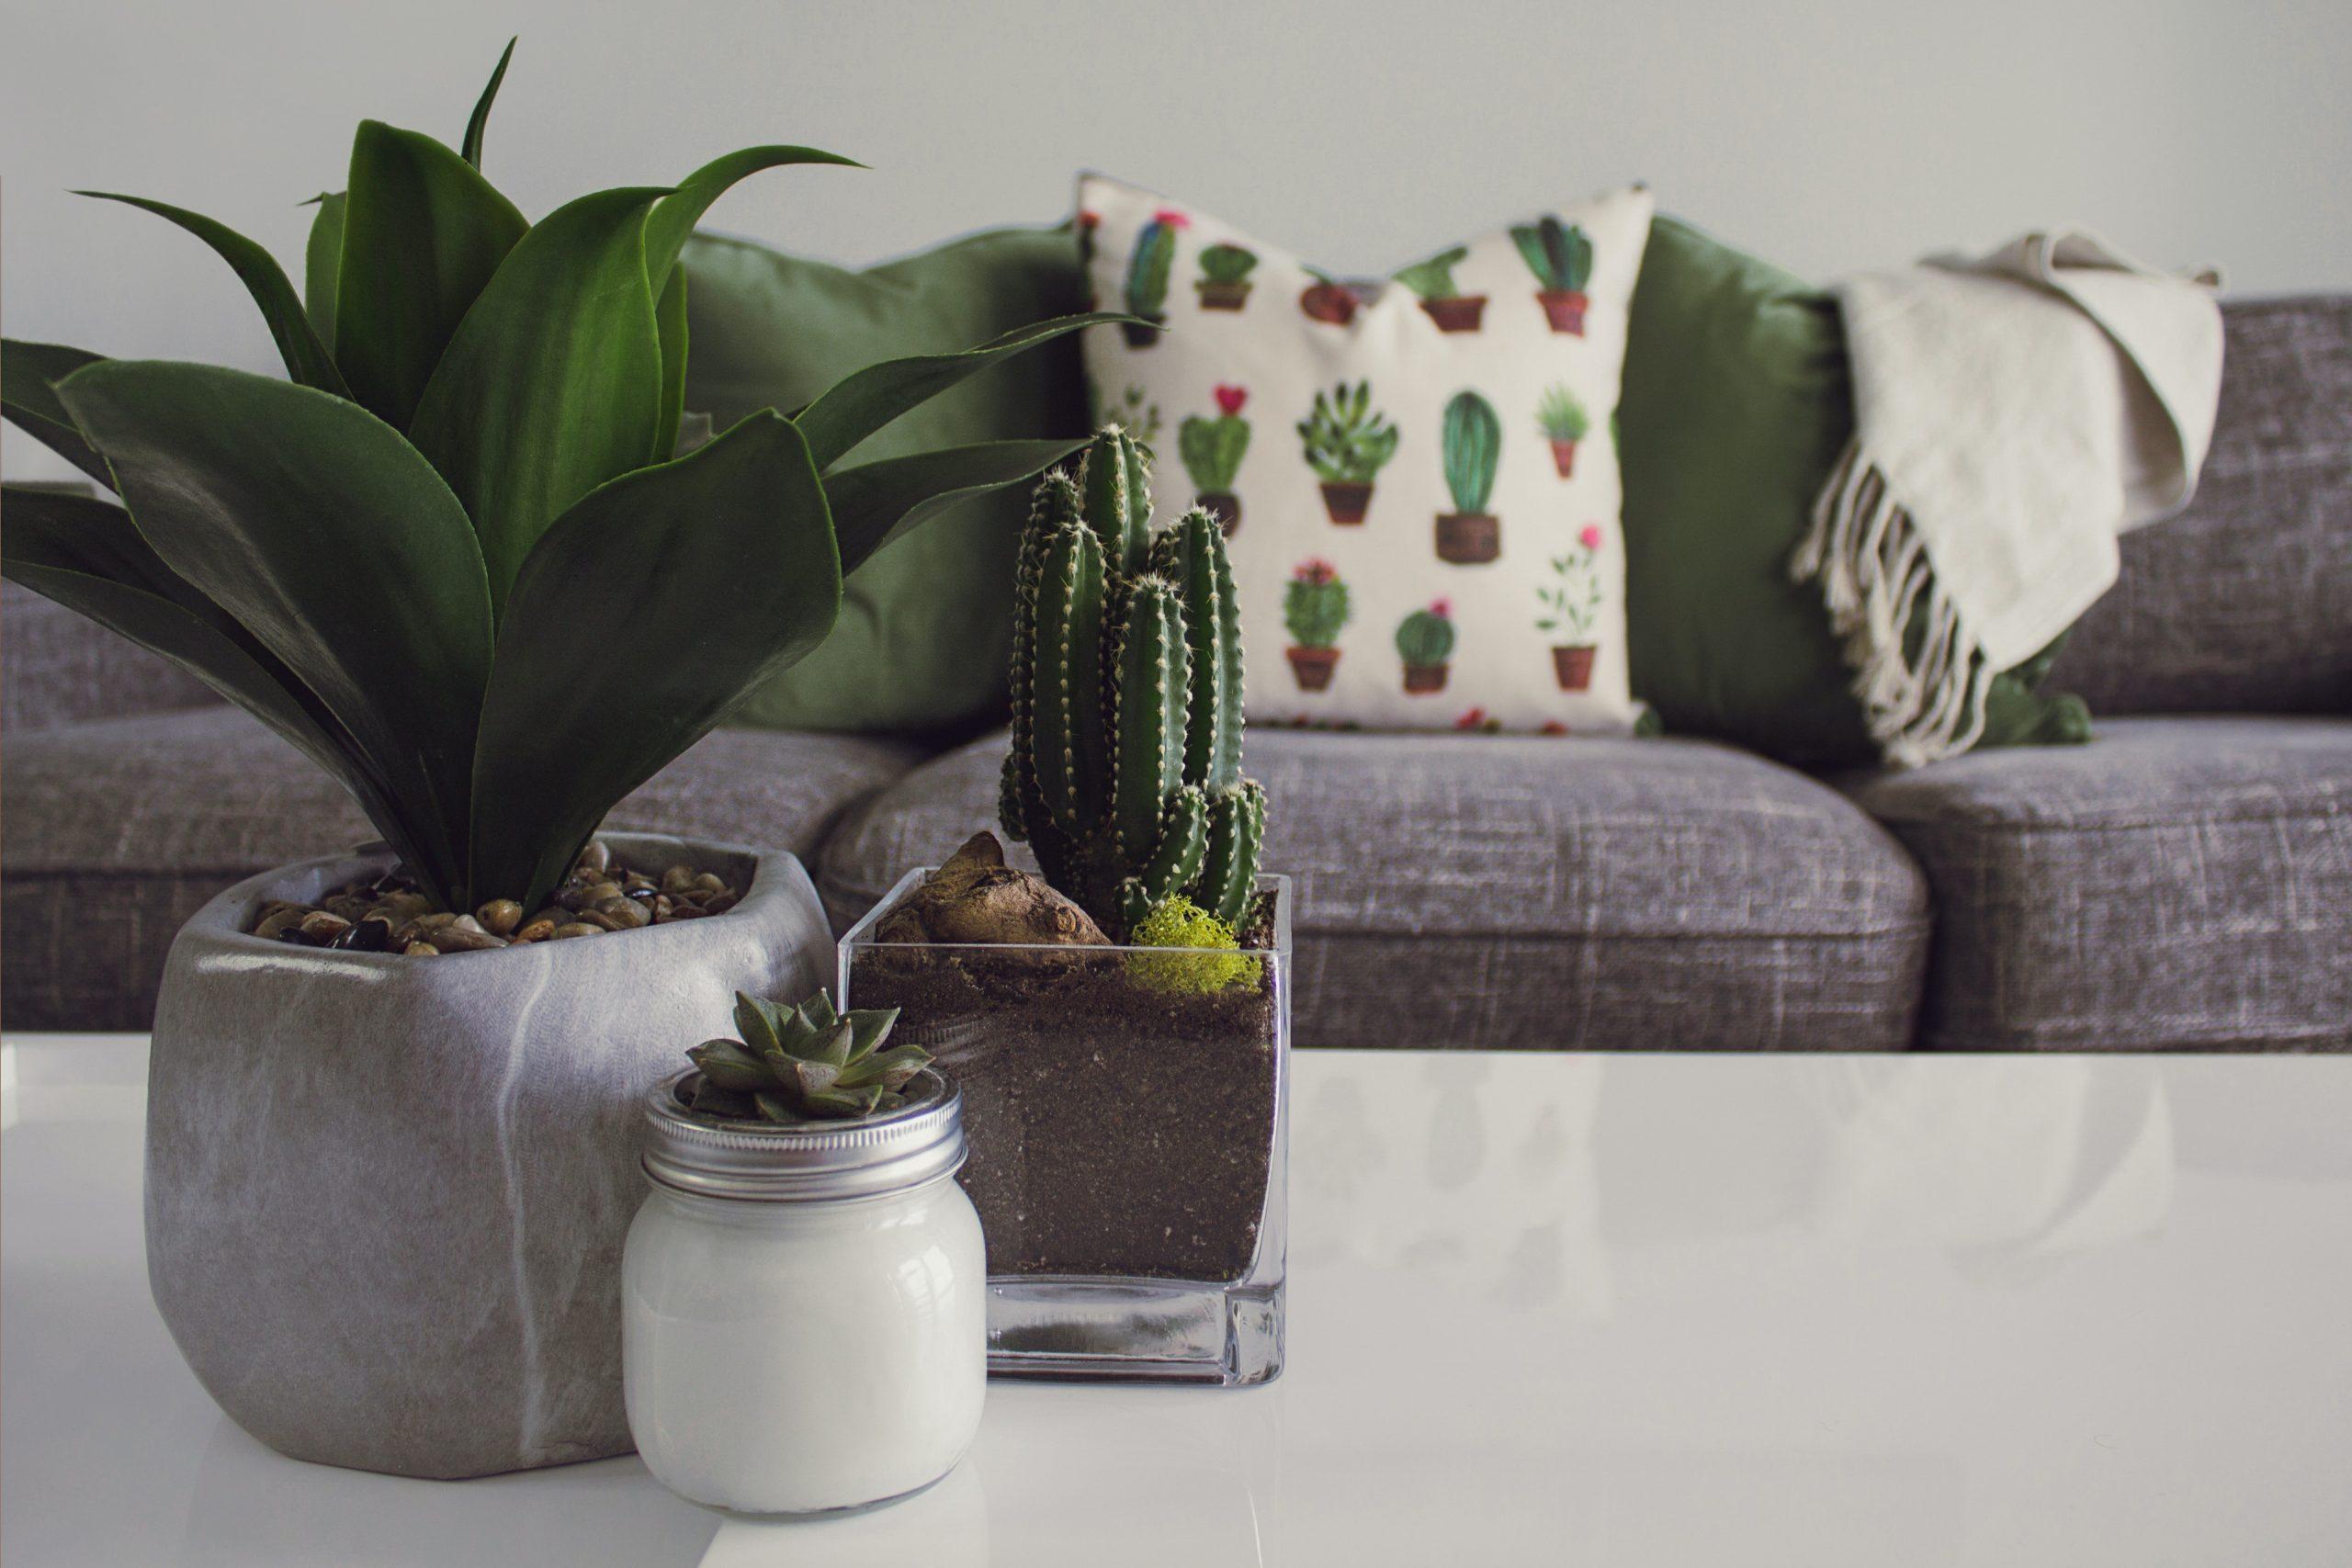 Foto de três plantas pequenas, aparentemente artificiais, em vasos, em cima de uma mesa branca, com um sofá cinza ao fundo. No sofá, suas almofadas verdes, e uma branca com estampa de cactus.